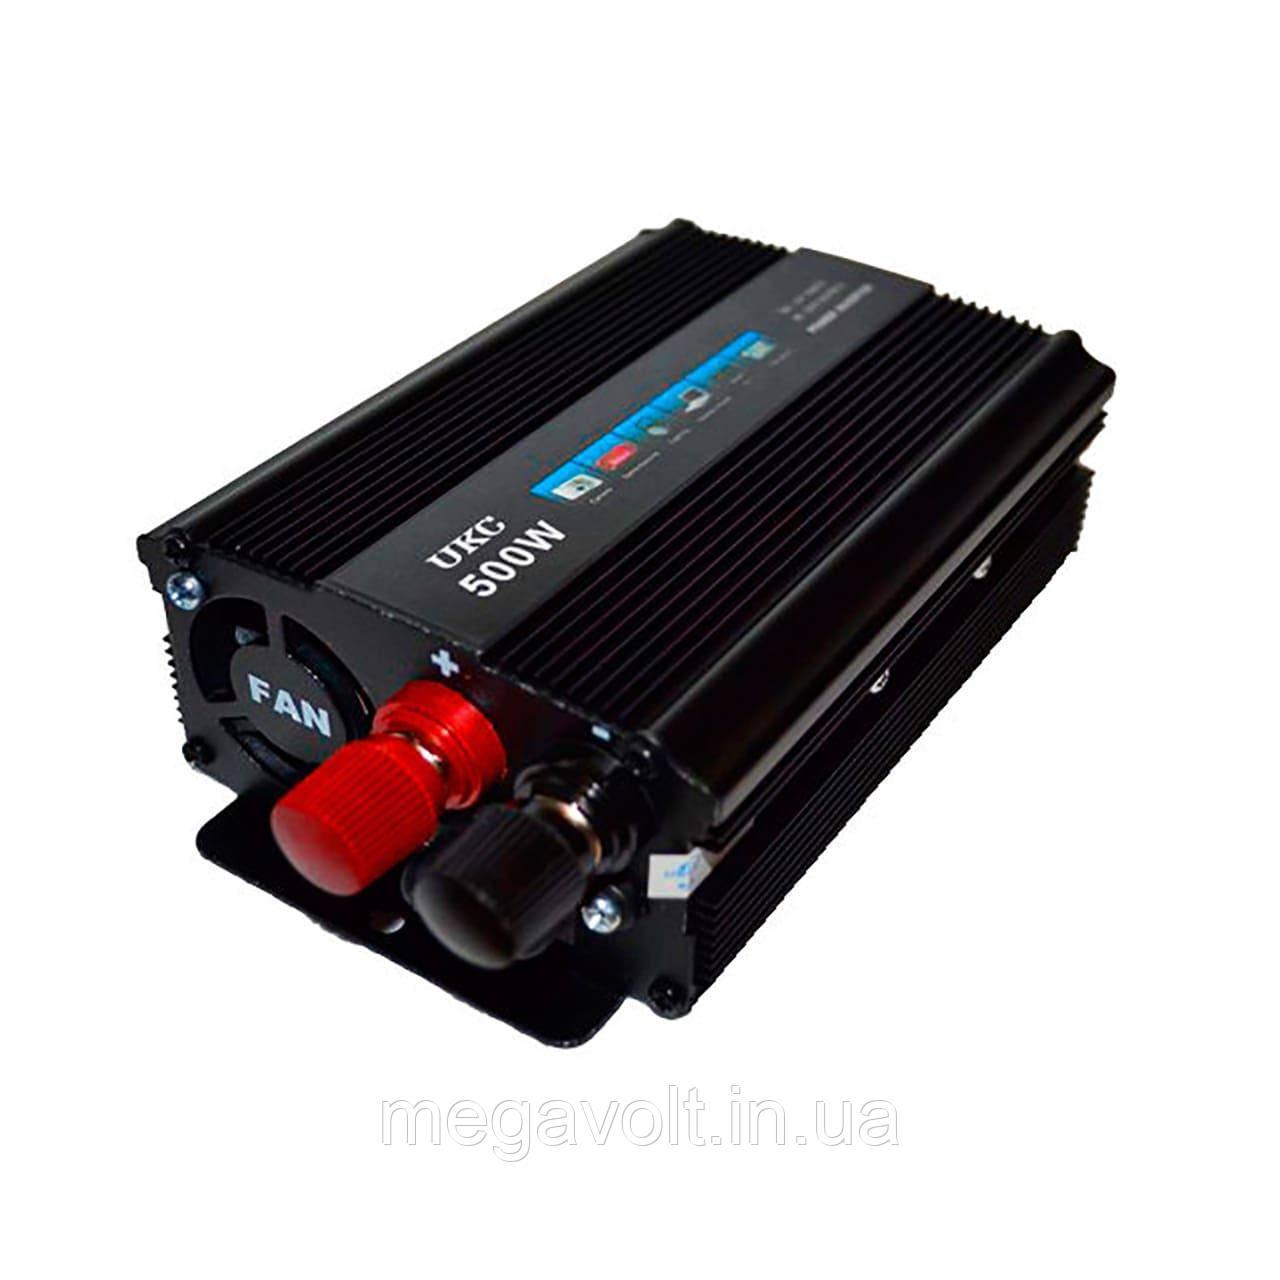 Преобразователь напряжения. Инвертор 12v-220v 500W UKC